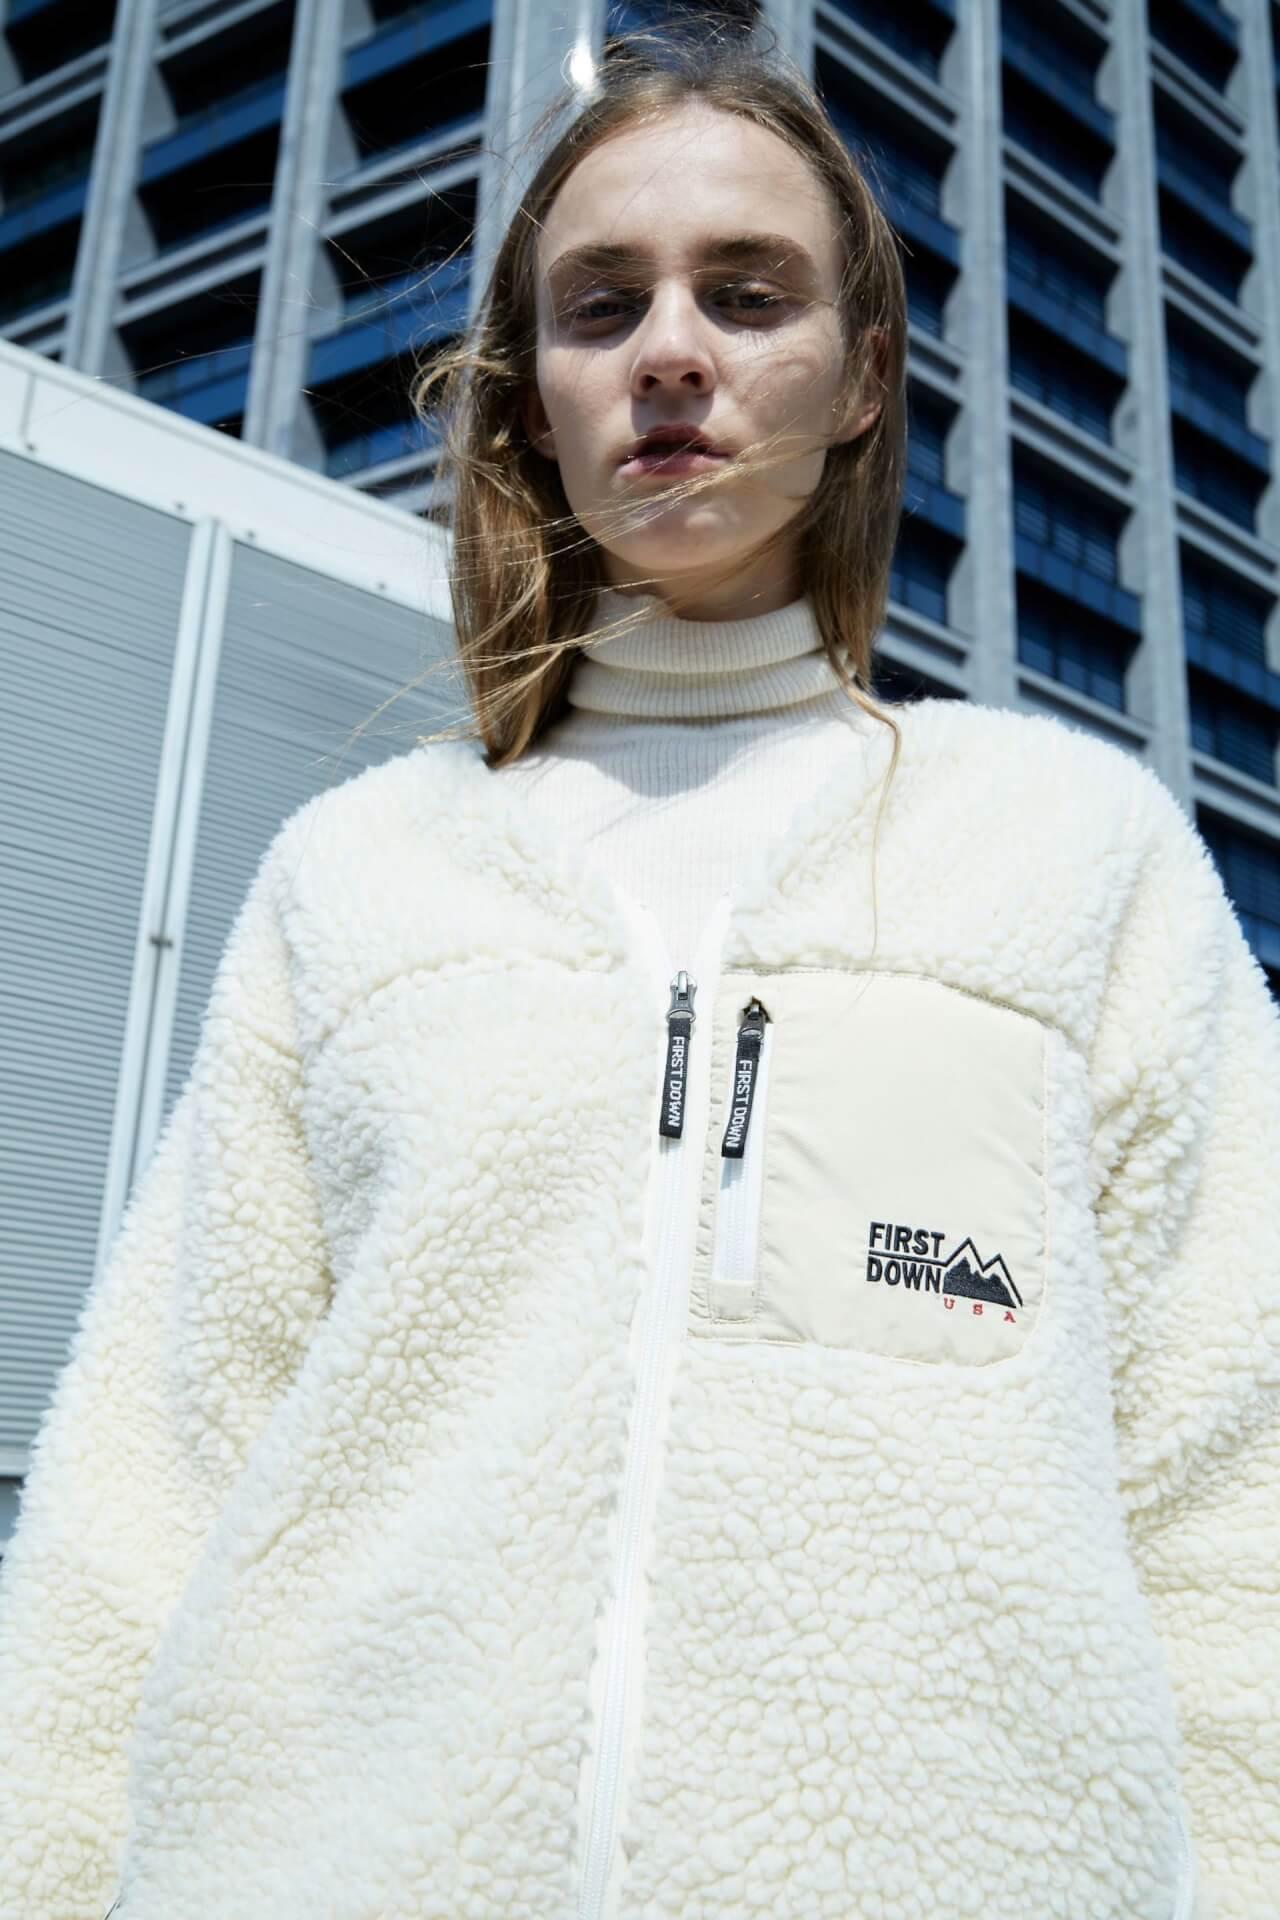 FIRST DOWNの別注アウターがセレクトショップ・styling/から発売決定!フードコート、ボアブルゾン、リバーシブルダウンの3型 fashion2020915-firstdown1